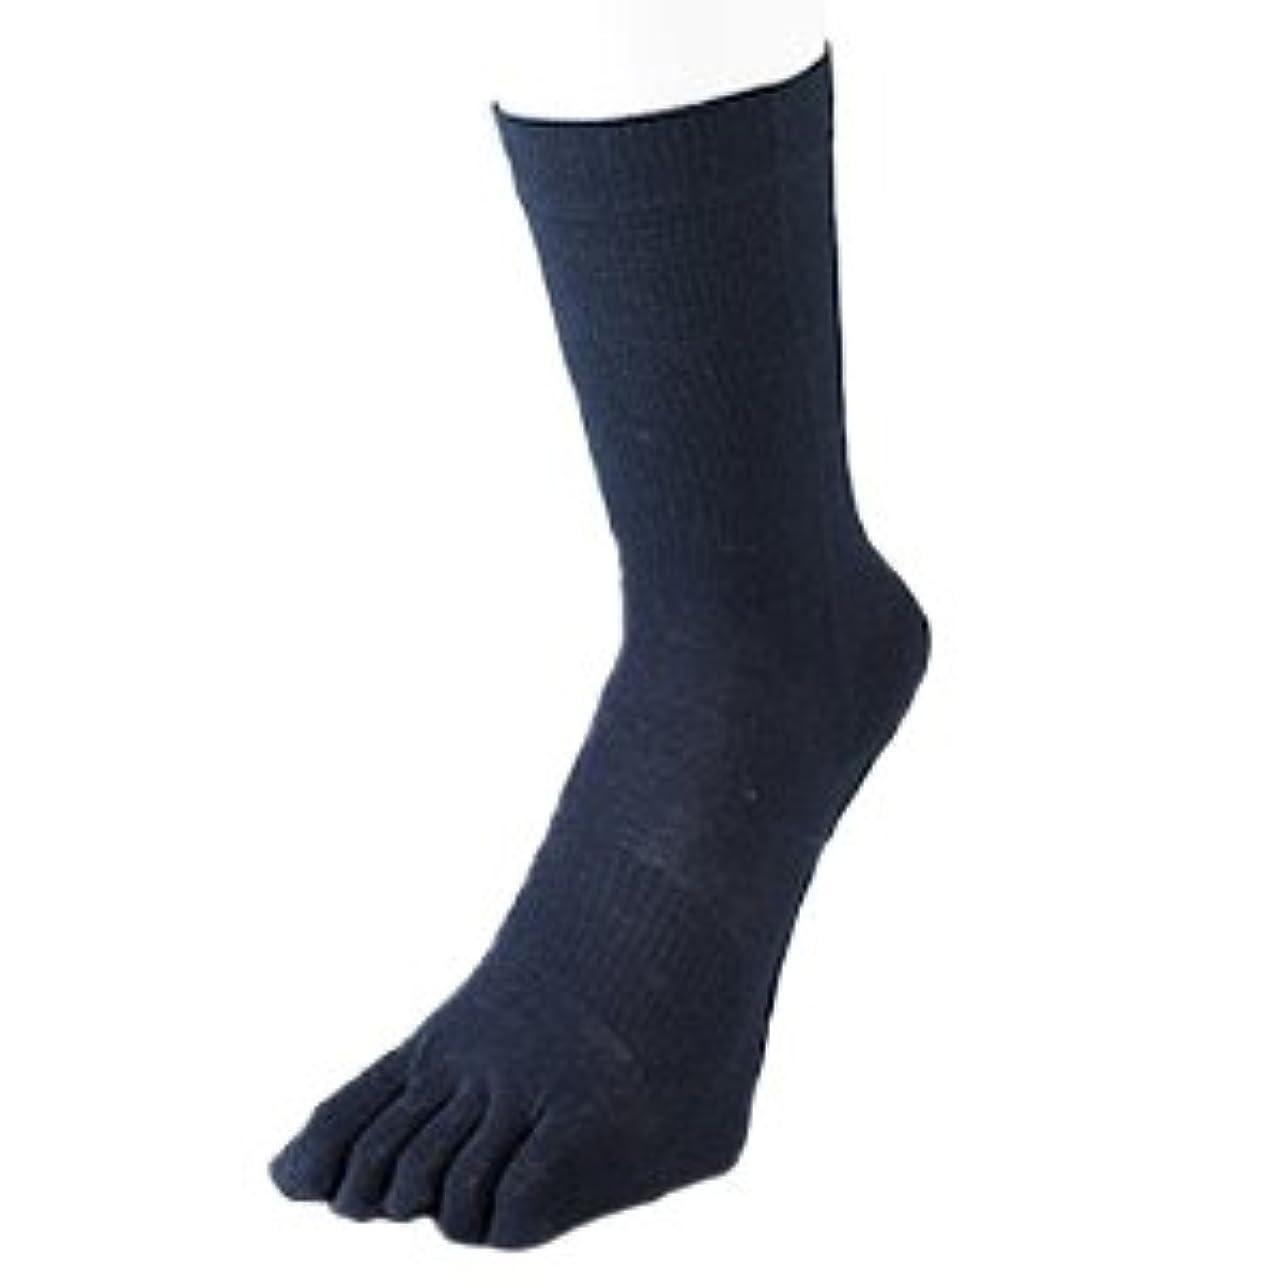 テーマ隔離くつろぎ(コンセプト)concept 紳士靴下 5本指ソックス 綿100% メンズ